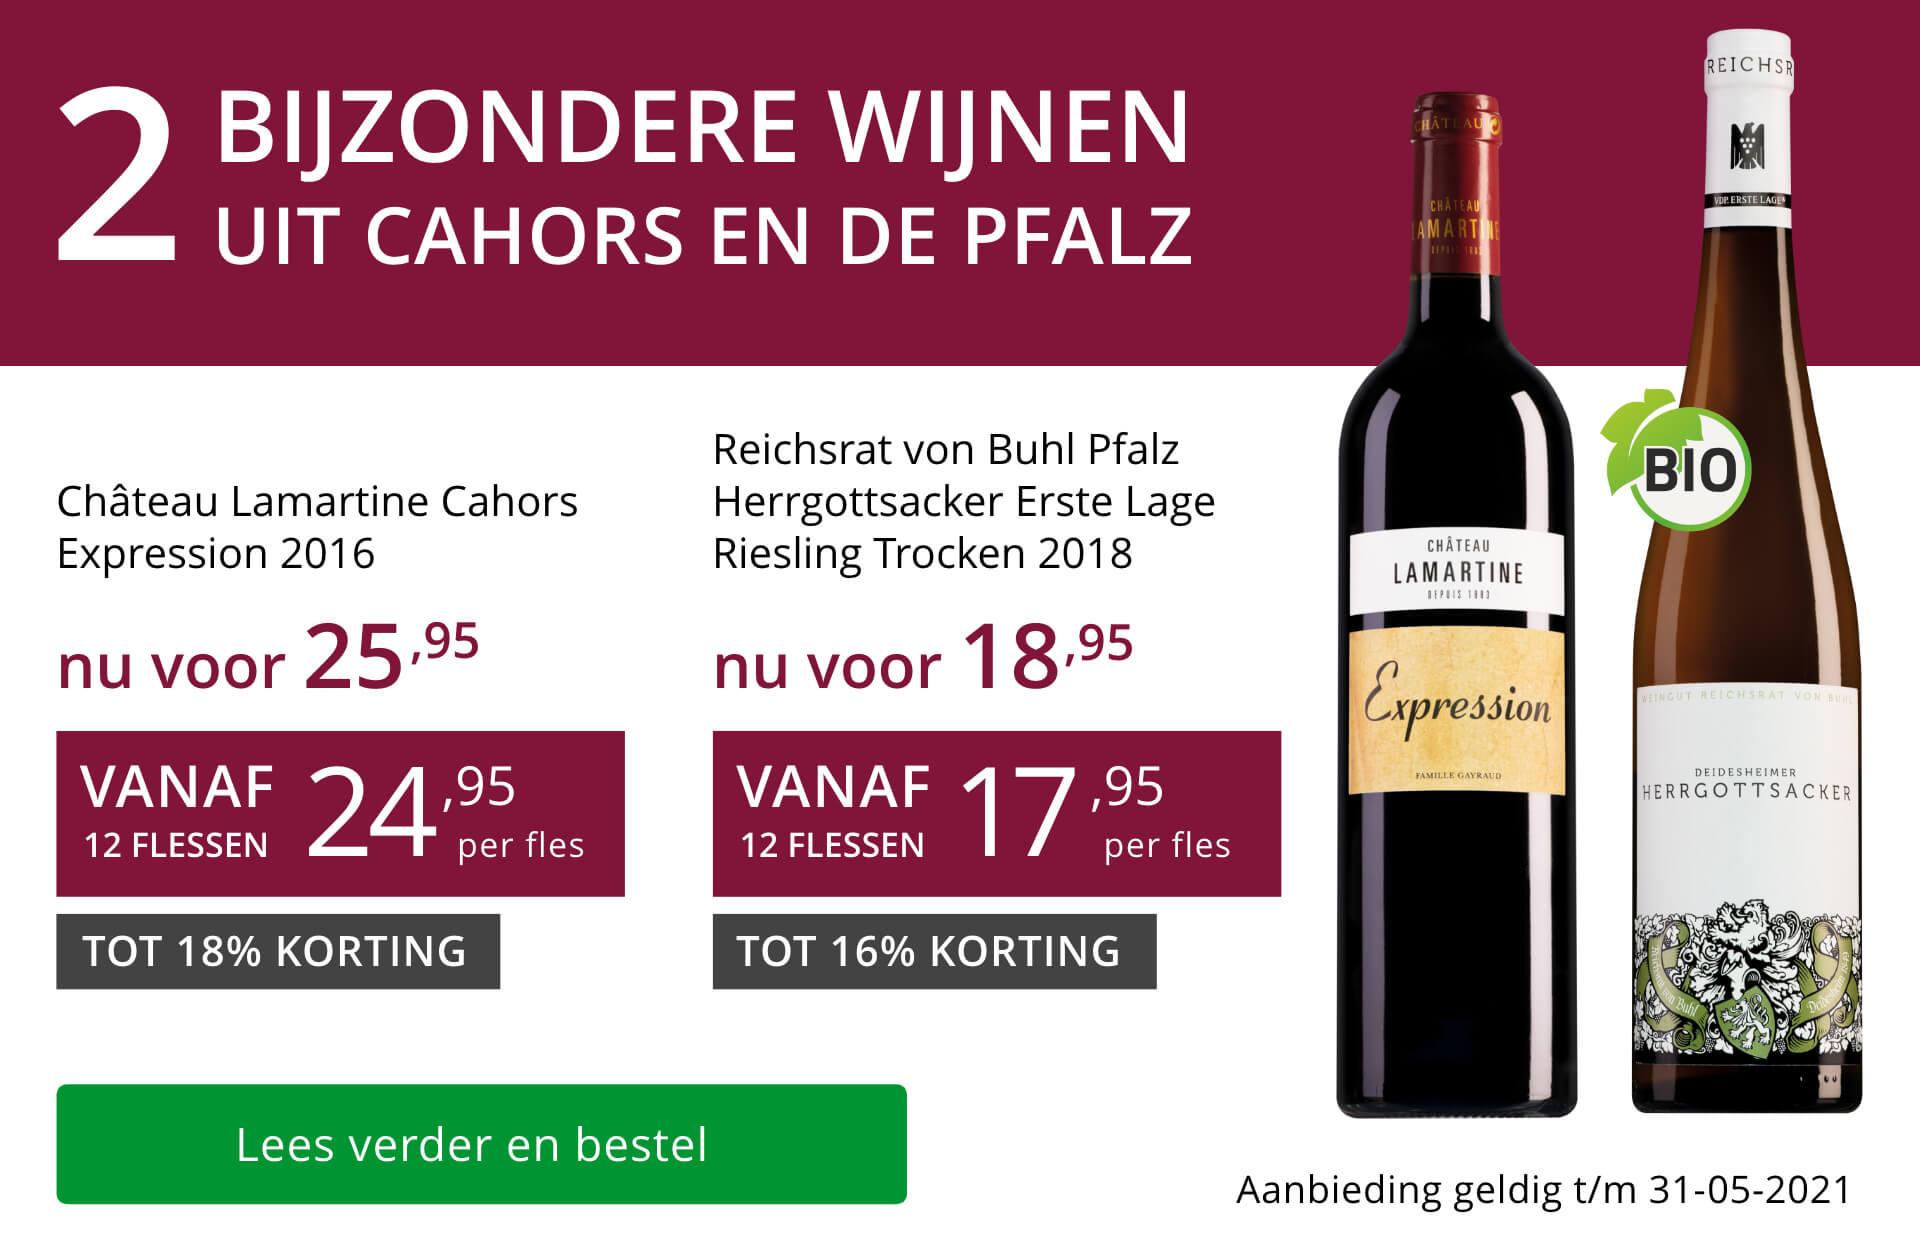 Twee bijzondere wijnen mei 2021 - paars